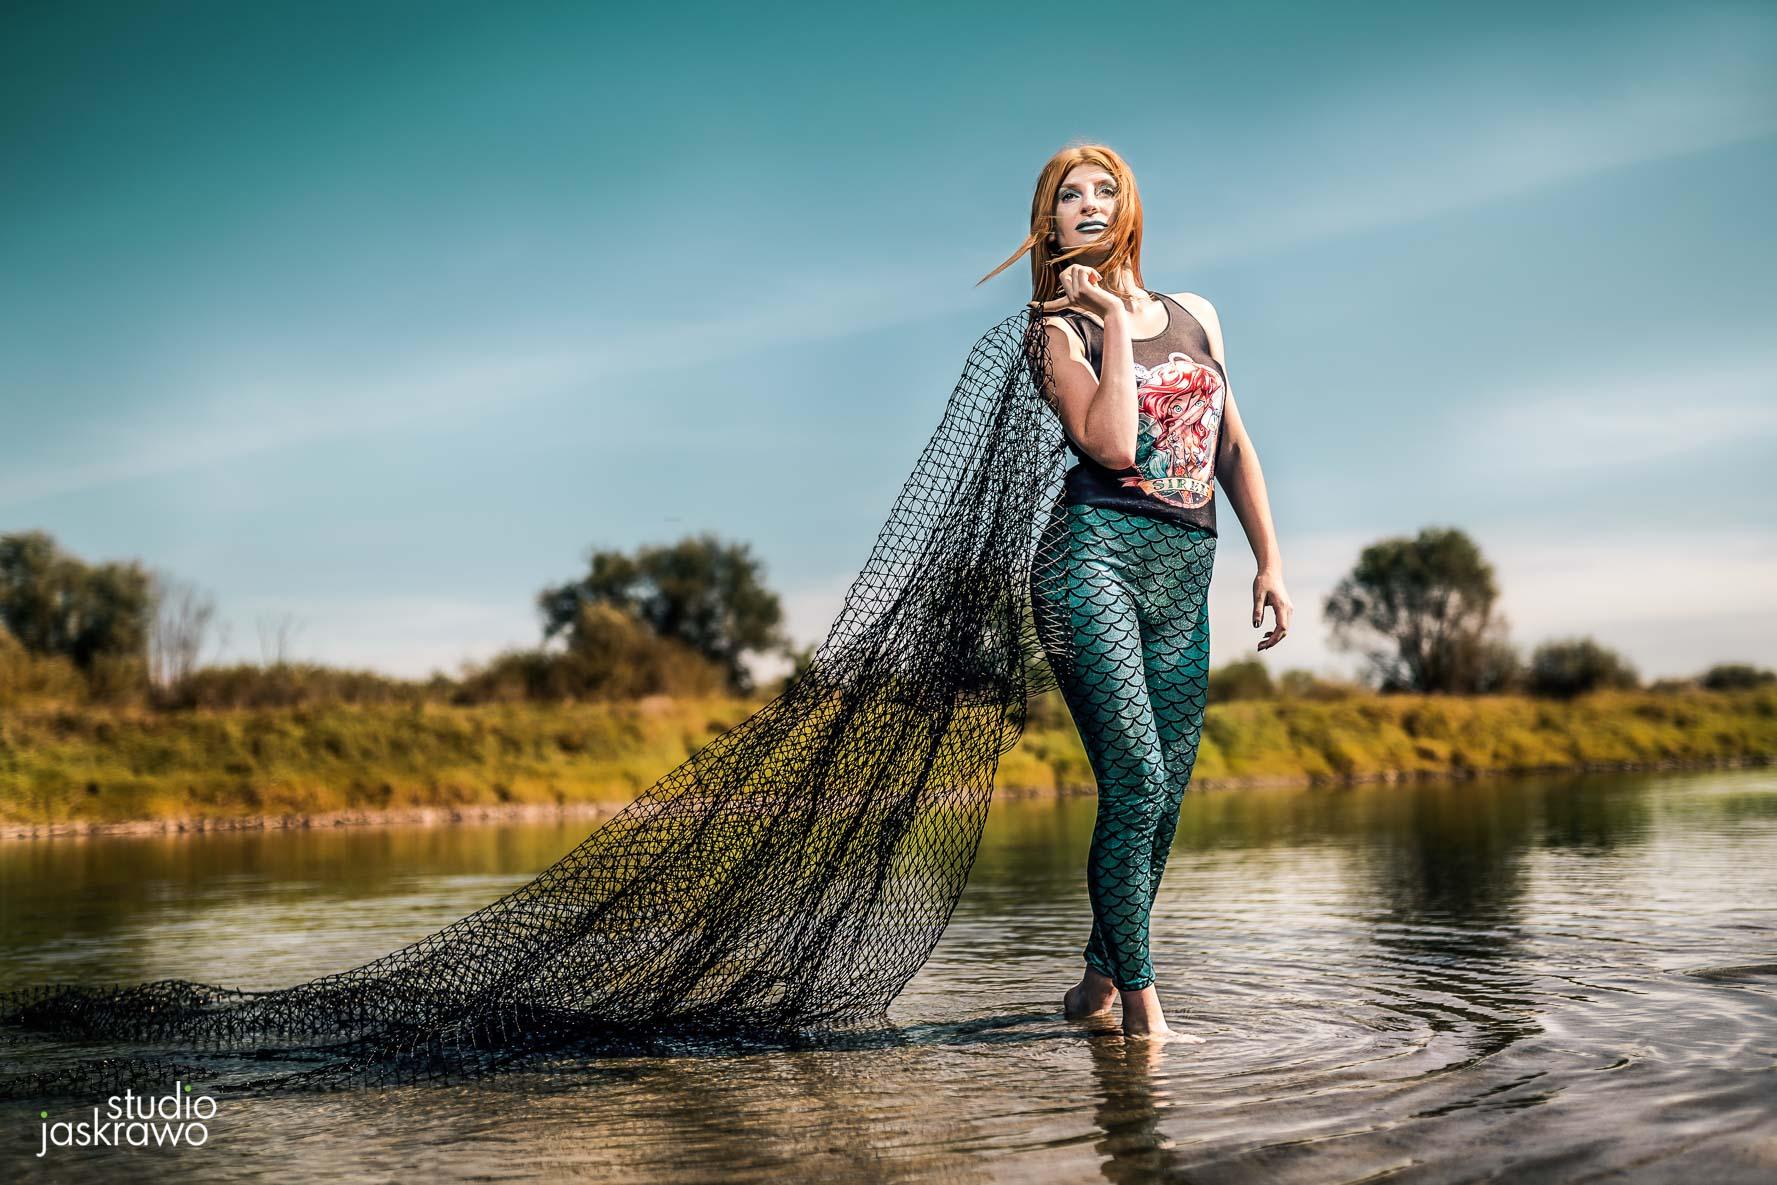 syrenka morska stoi w rzece i trzyma sieć rybacką